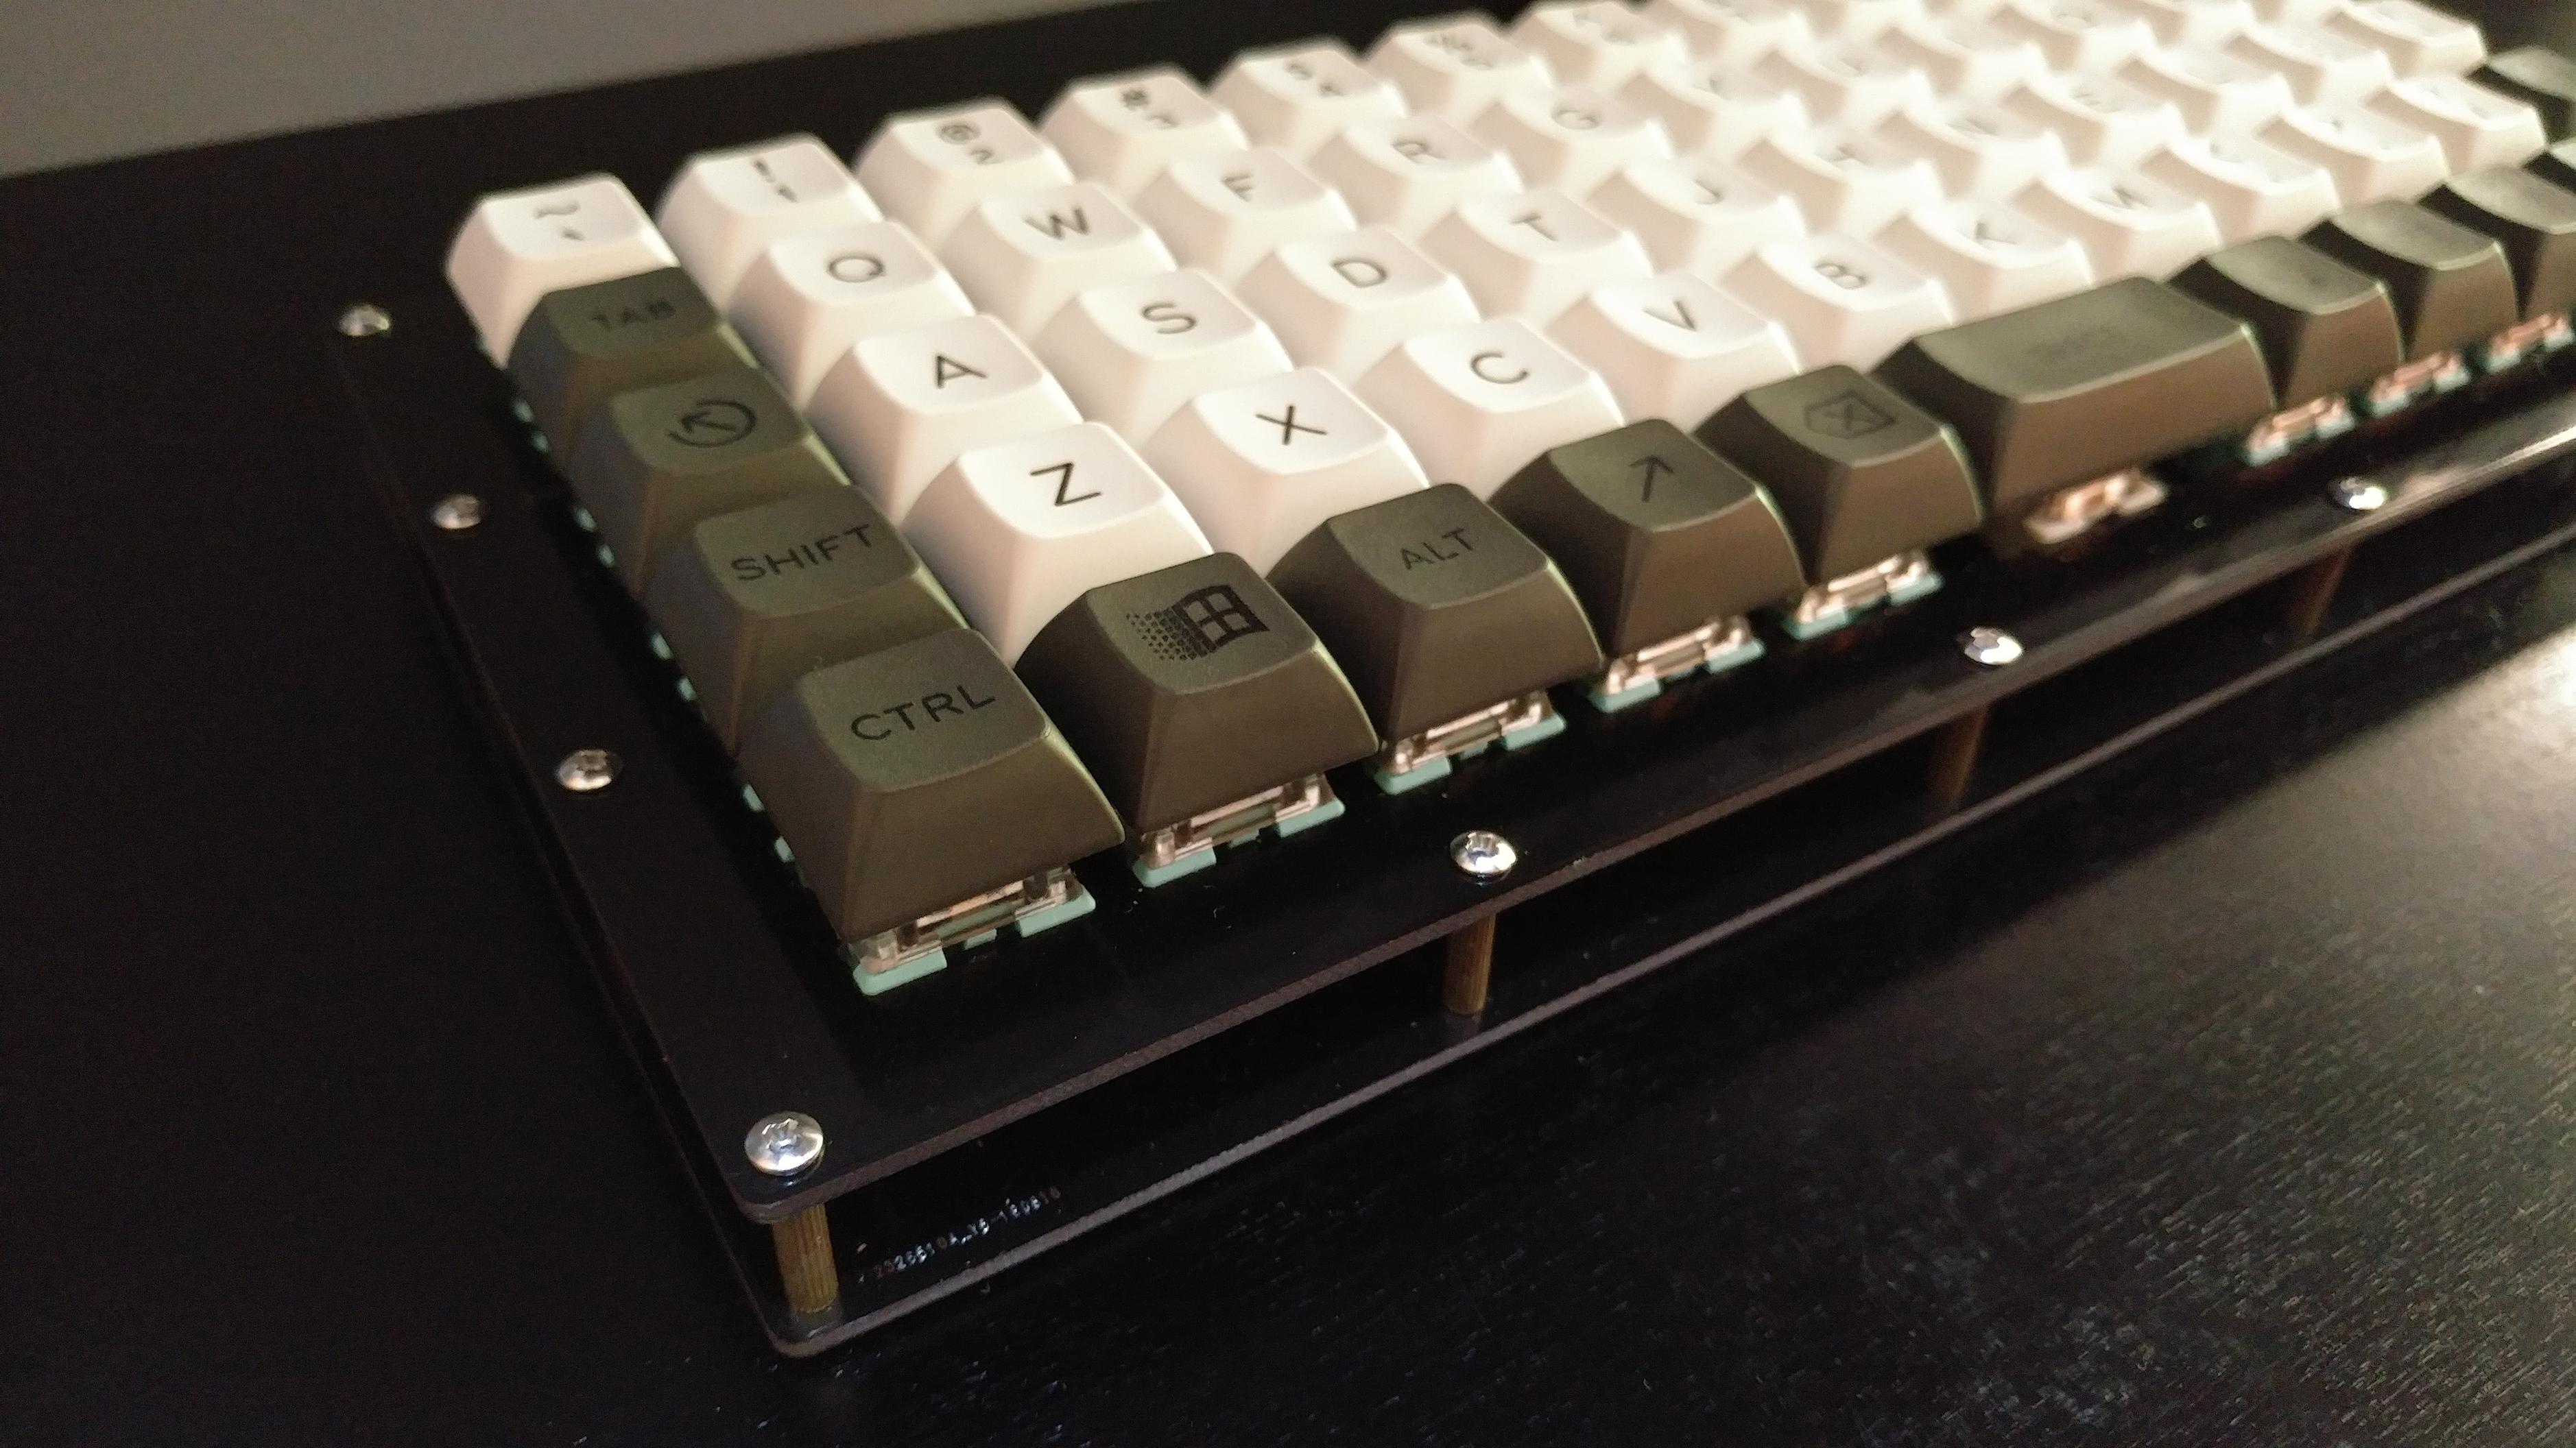 GB] Fractal Keyboard Update : mechmarket